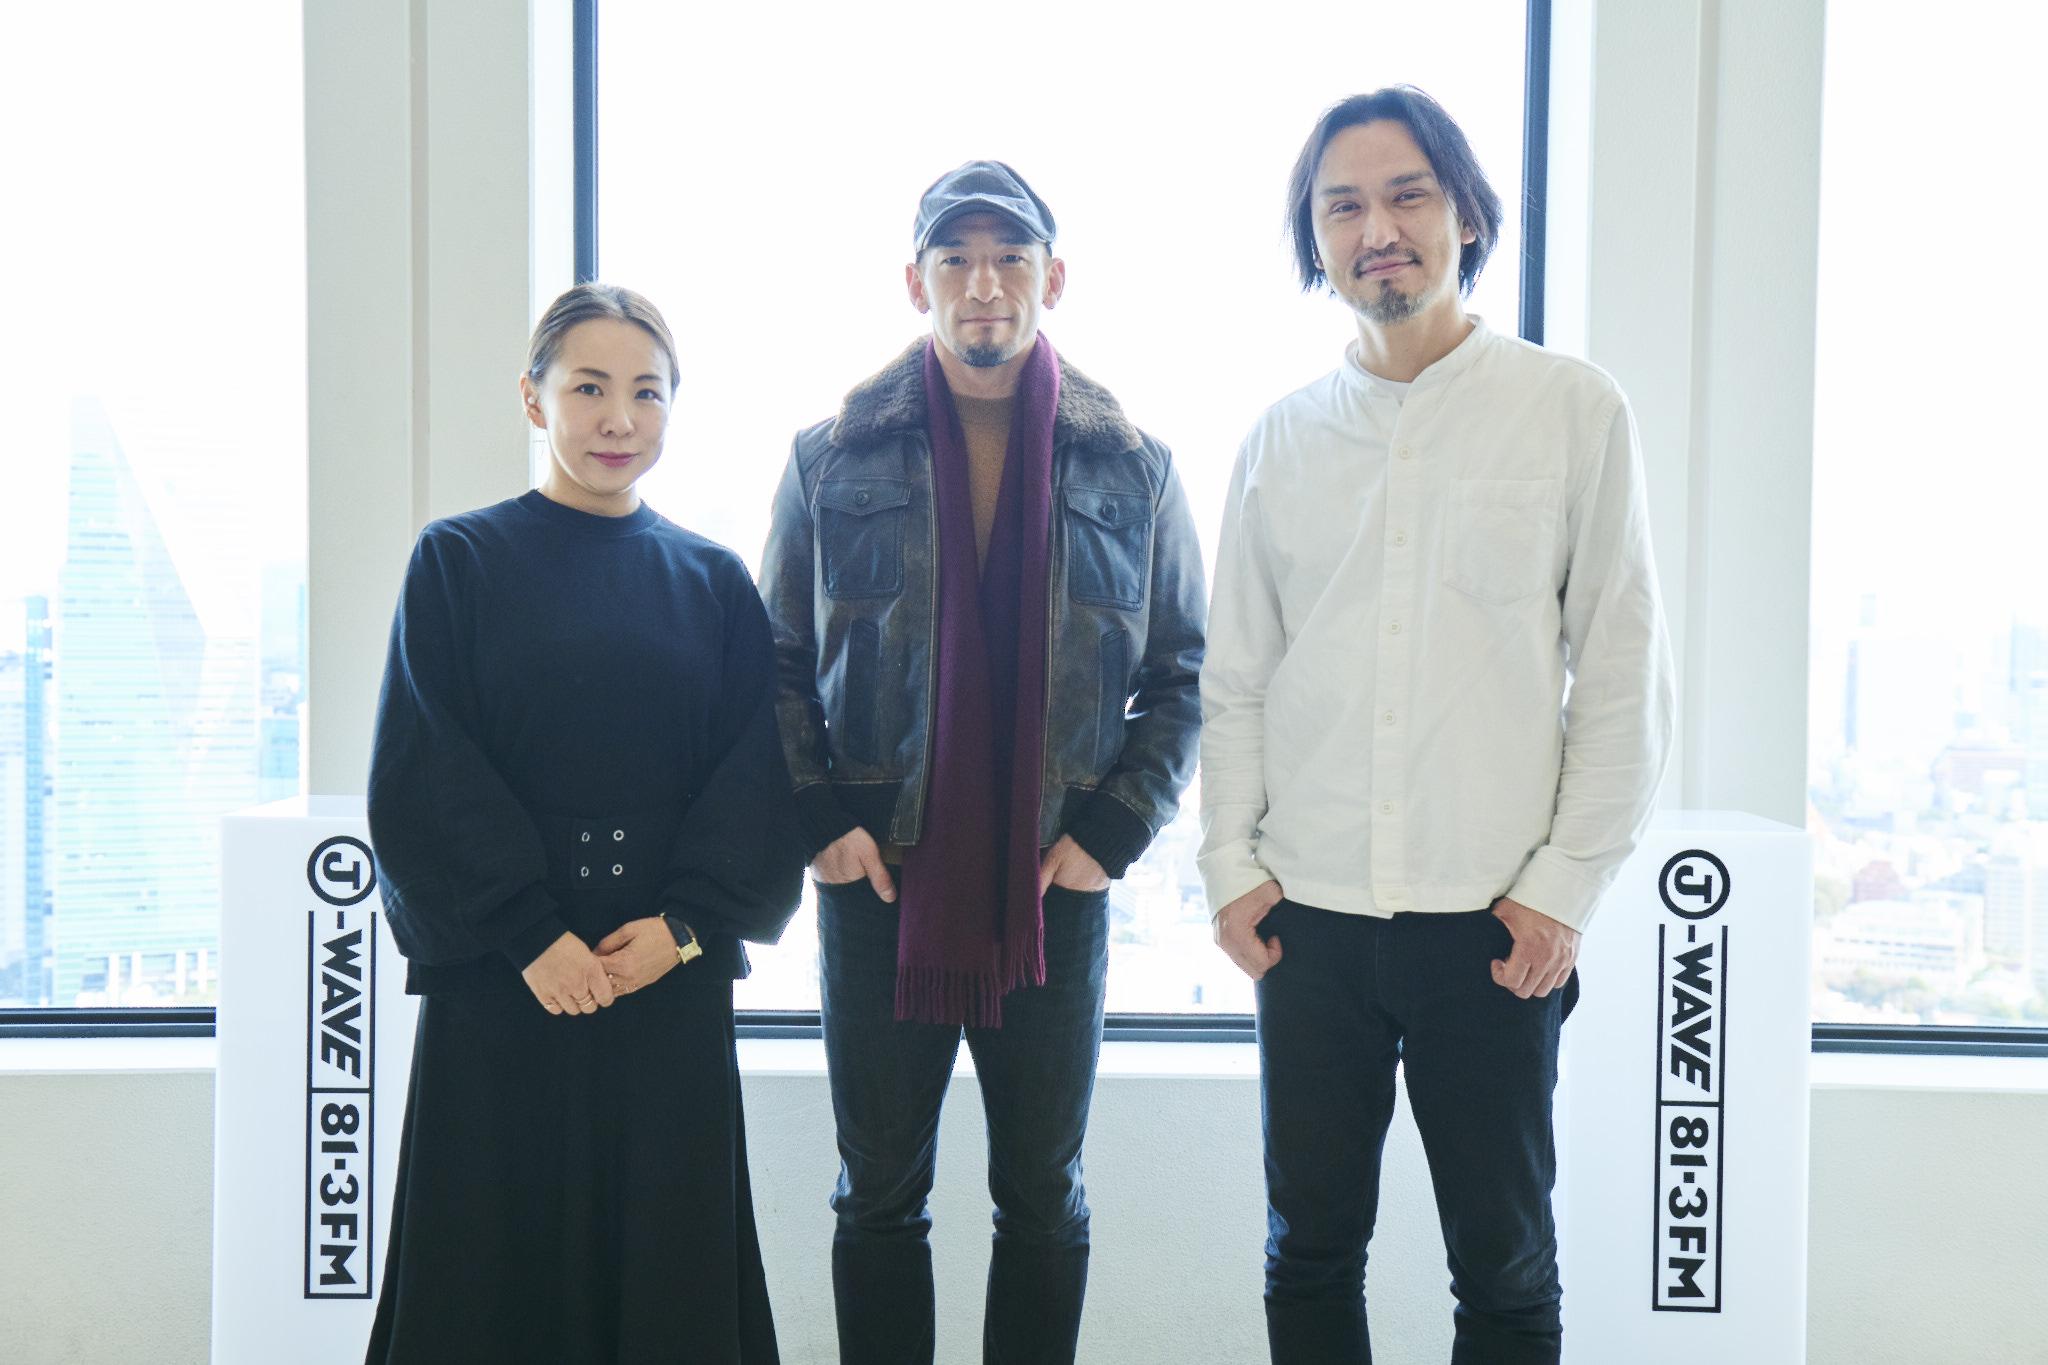 左から永山祐子氏(建築家)、中田英寿氏(元サッカー日本代表)、生江史伸氏(シェフ)